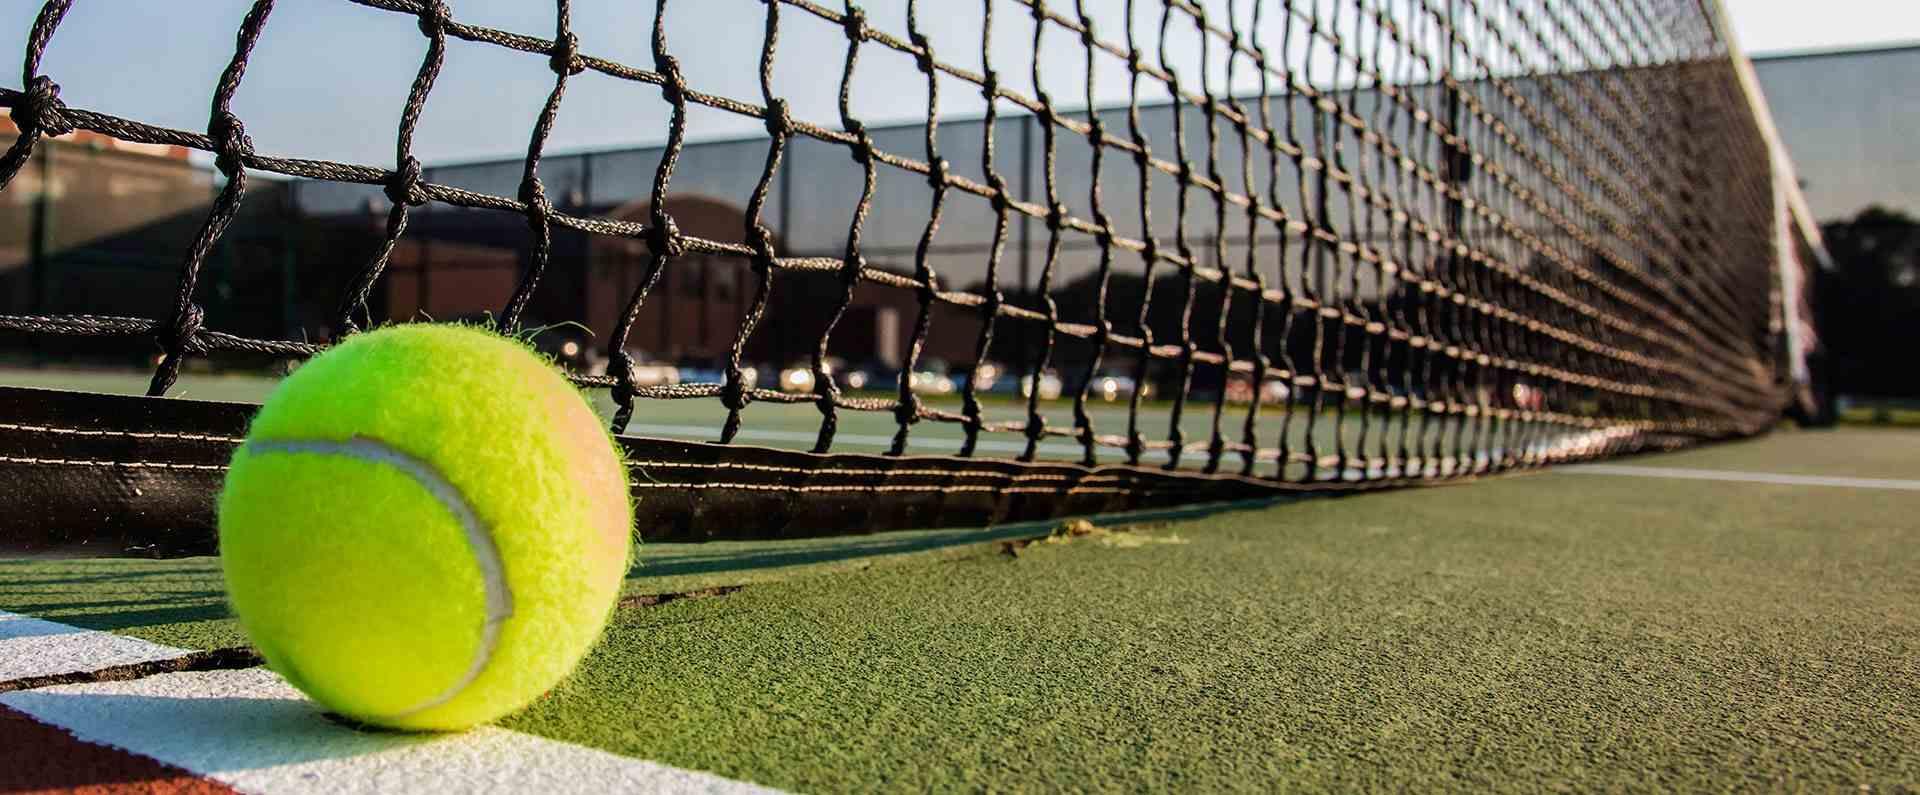 stavki na sety v tennise v bukmekerskoj kontore